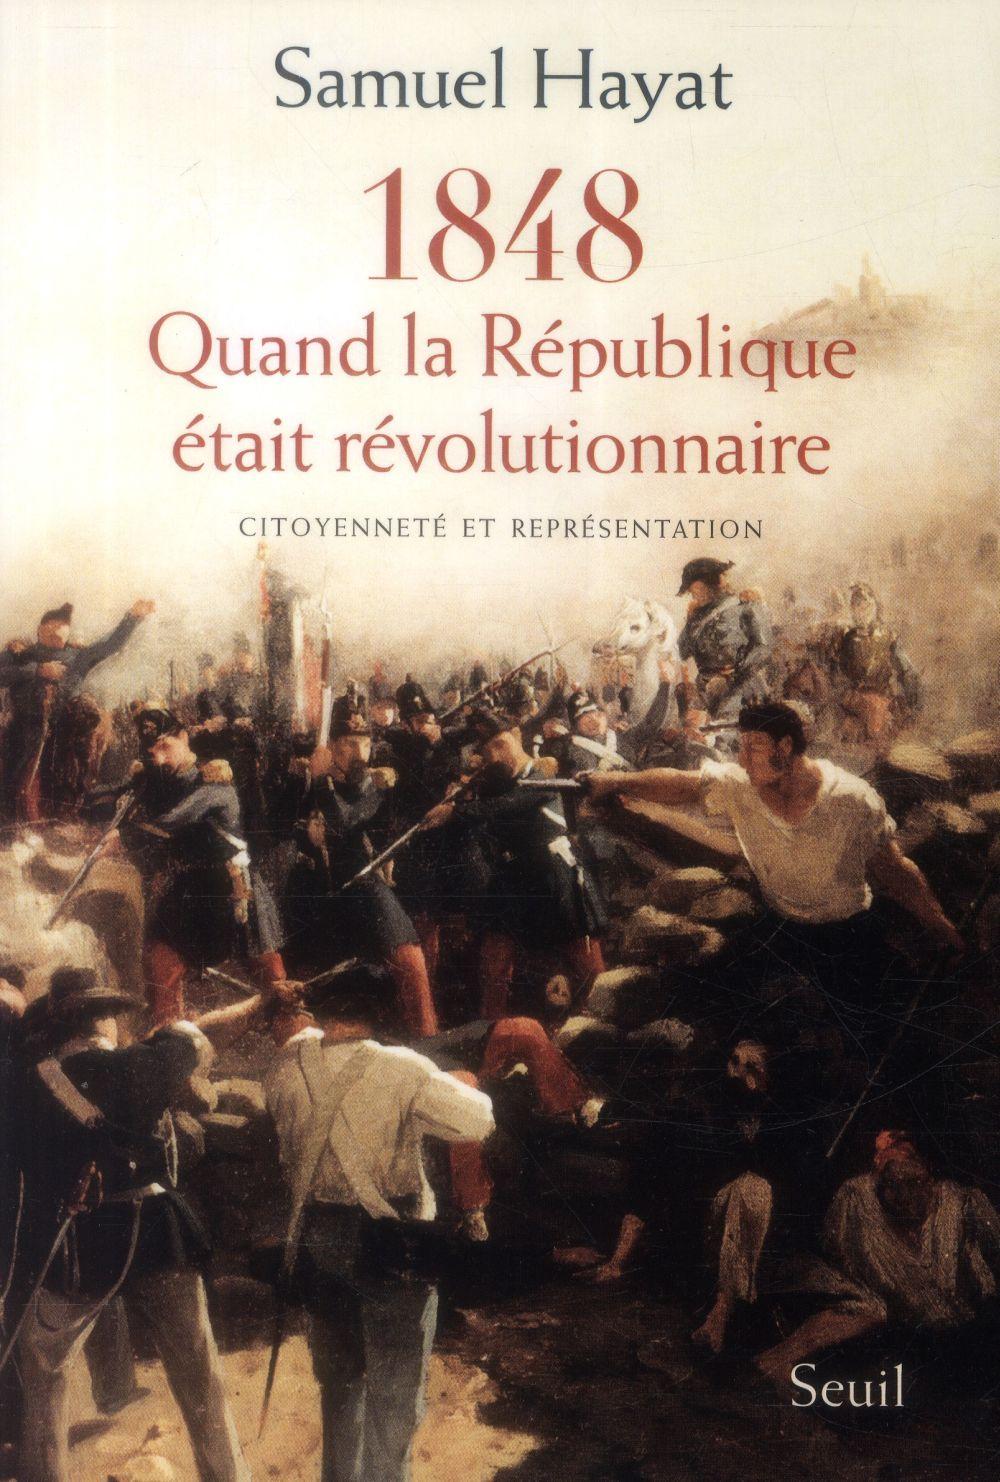 1848, QUAND LA REPUBLIQUE ETAIT REVOLUTIONNAIRE